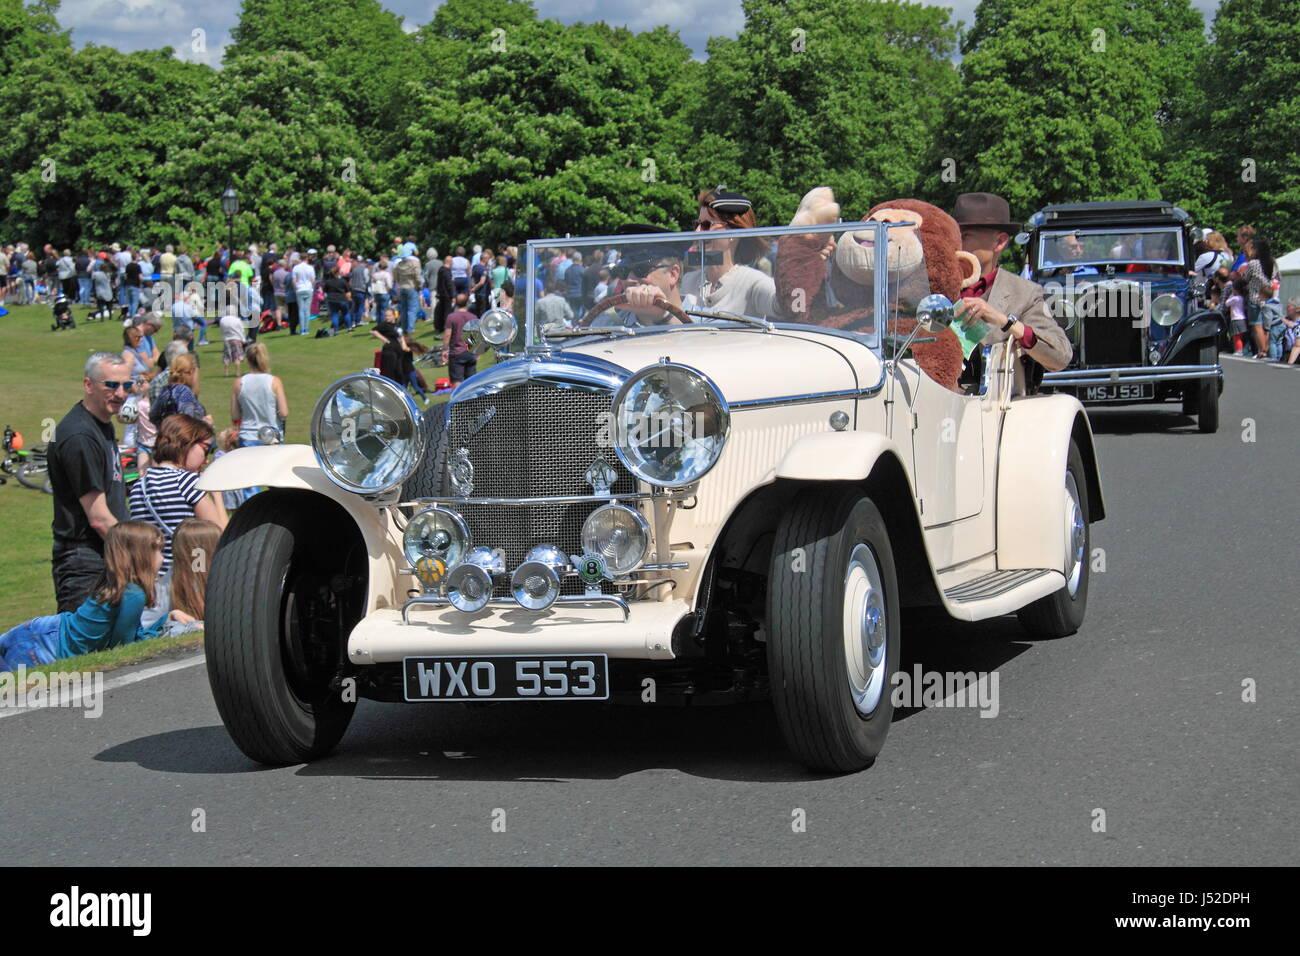 1947 bentley mkvi spezial roadster von mallalieu kastanie sonntag 14 mai 2017